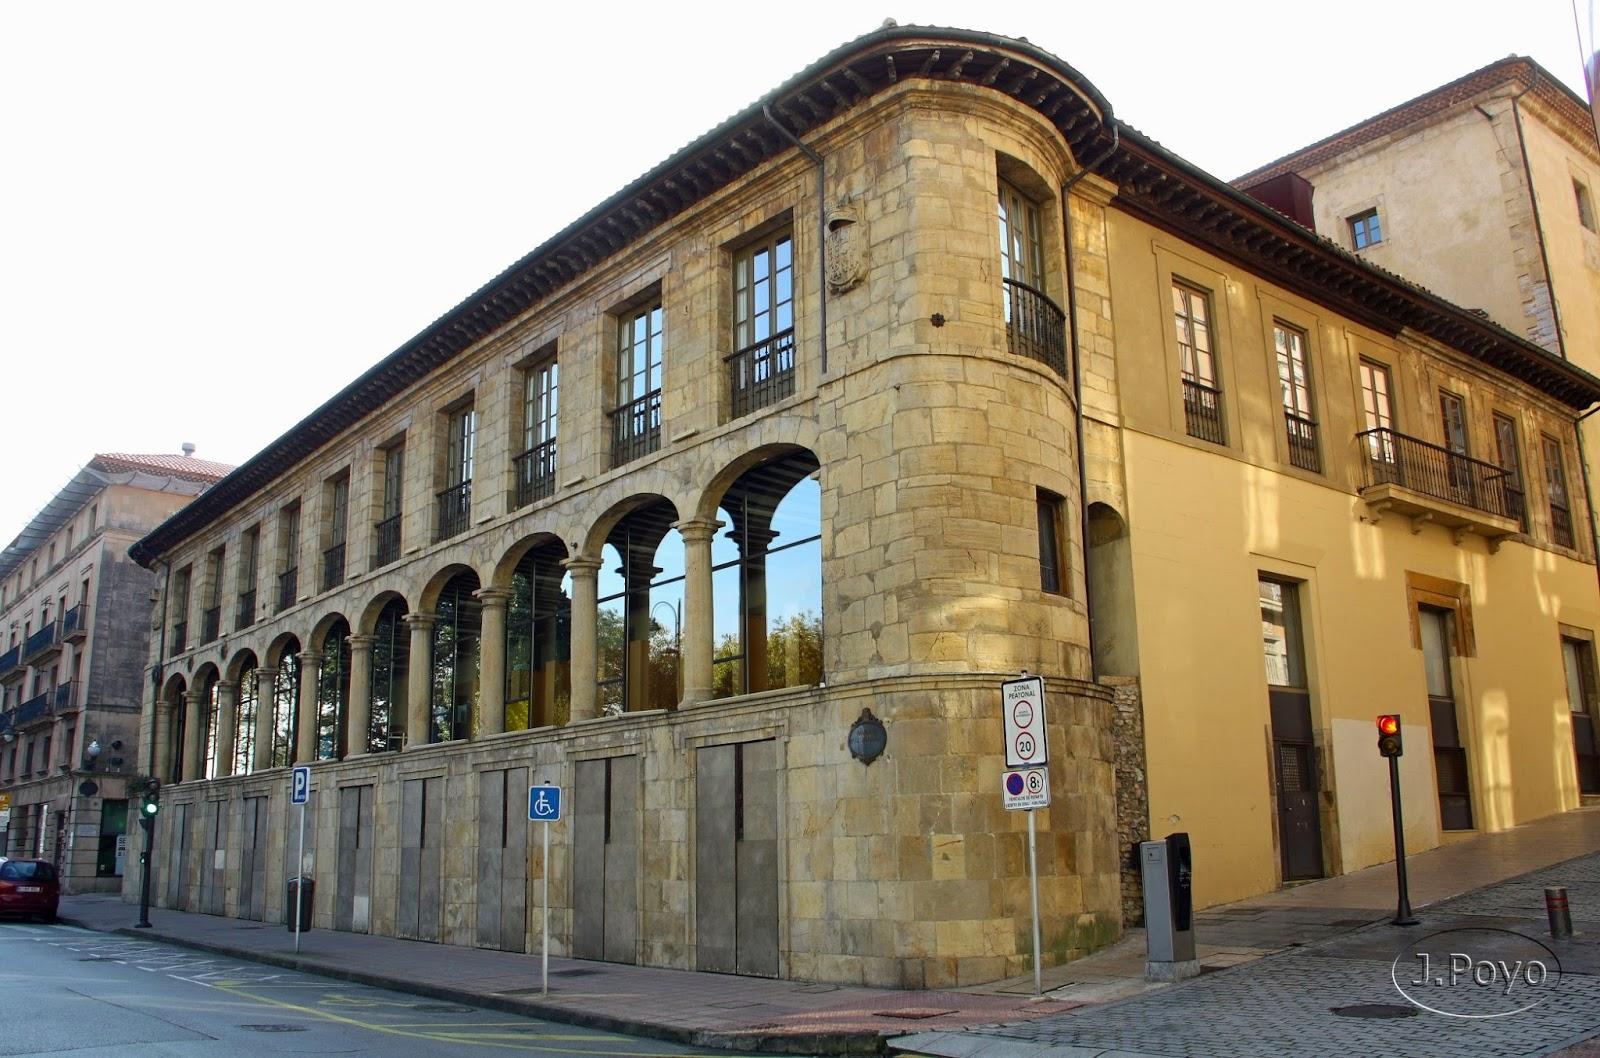 Palacio del Marques de Camposagrado de Avilés